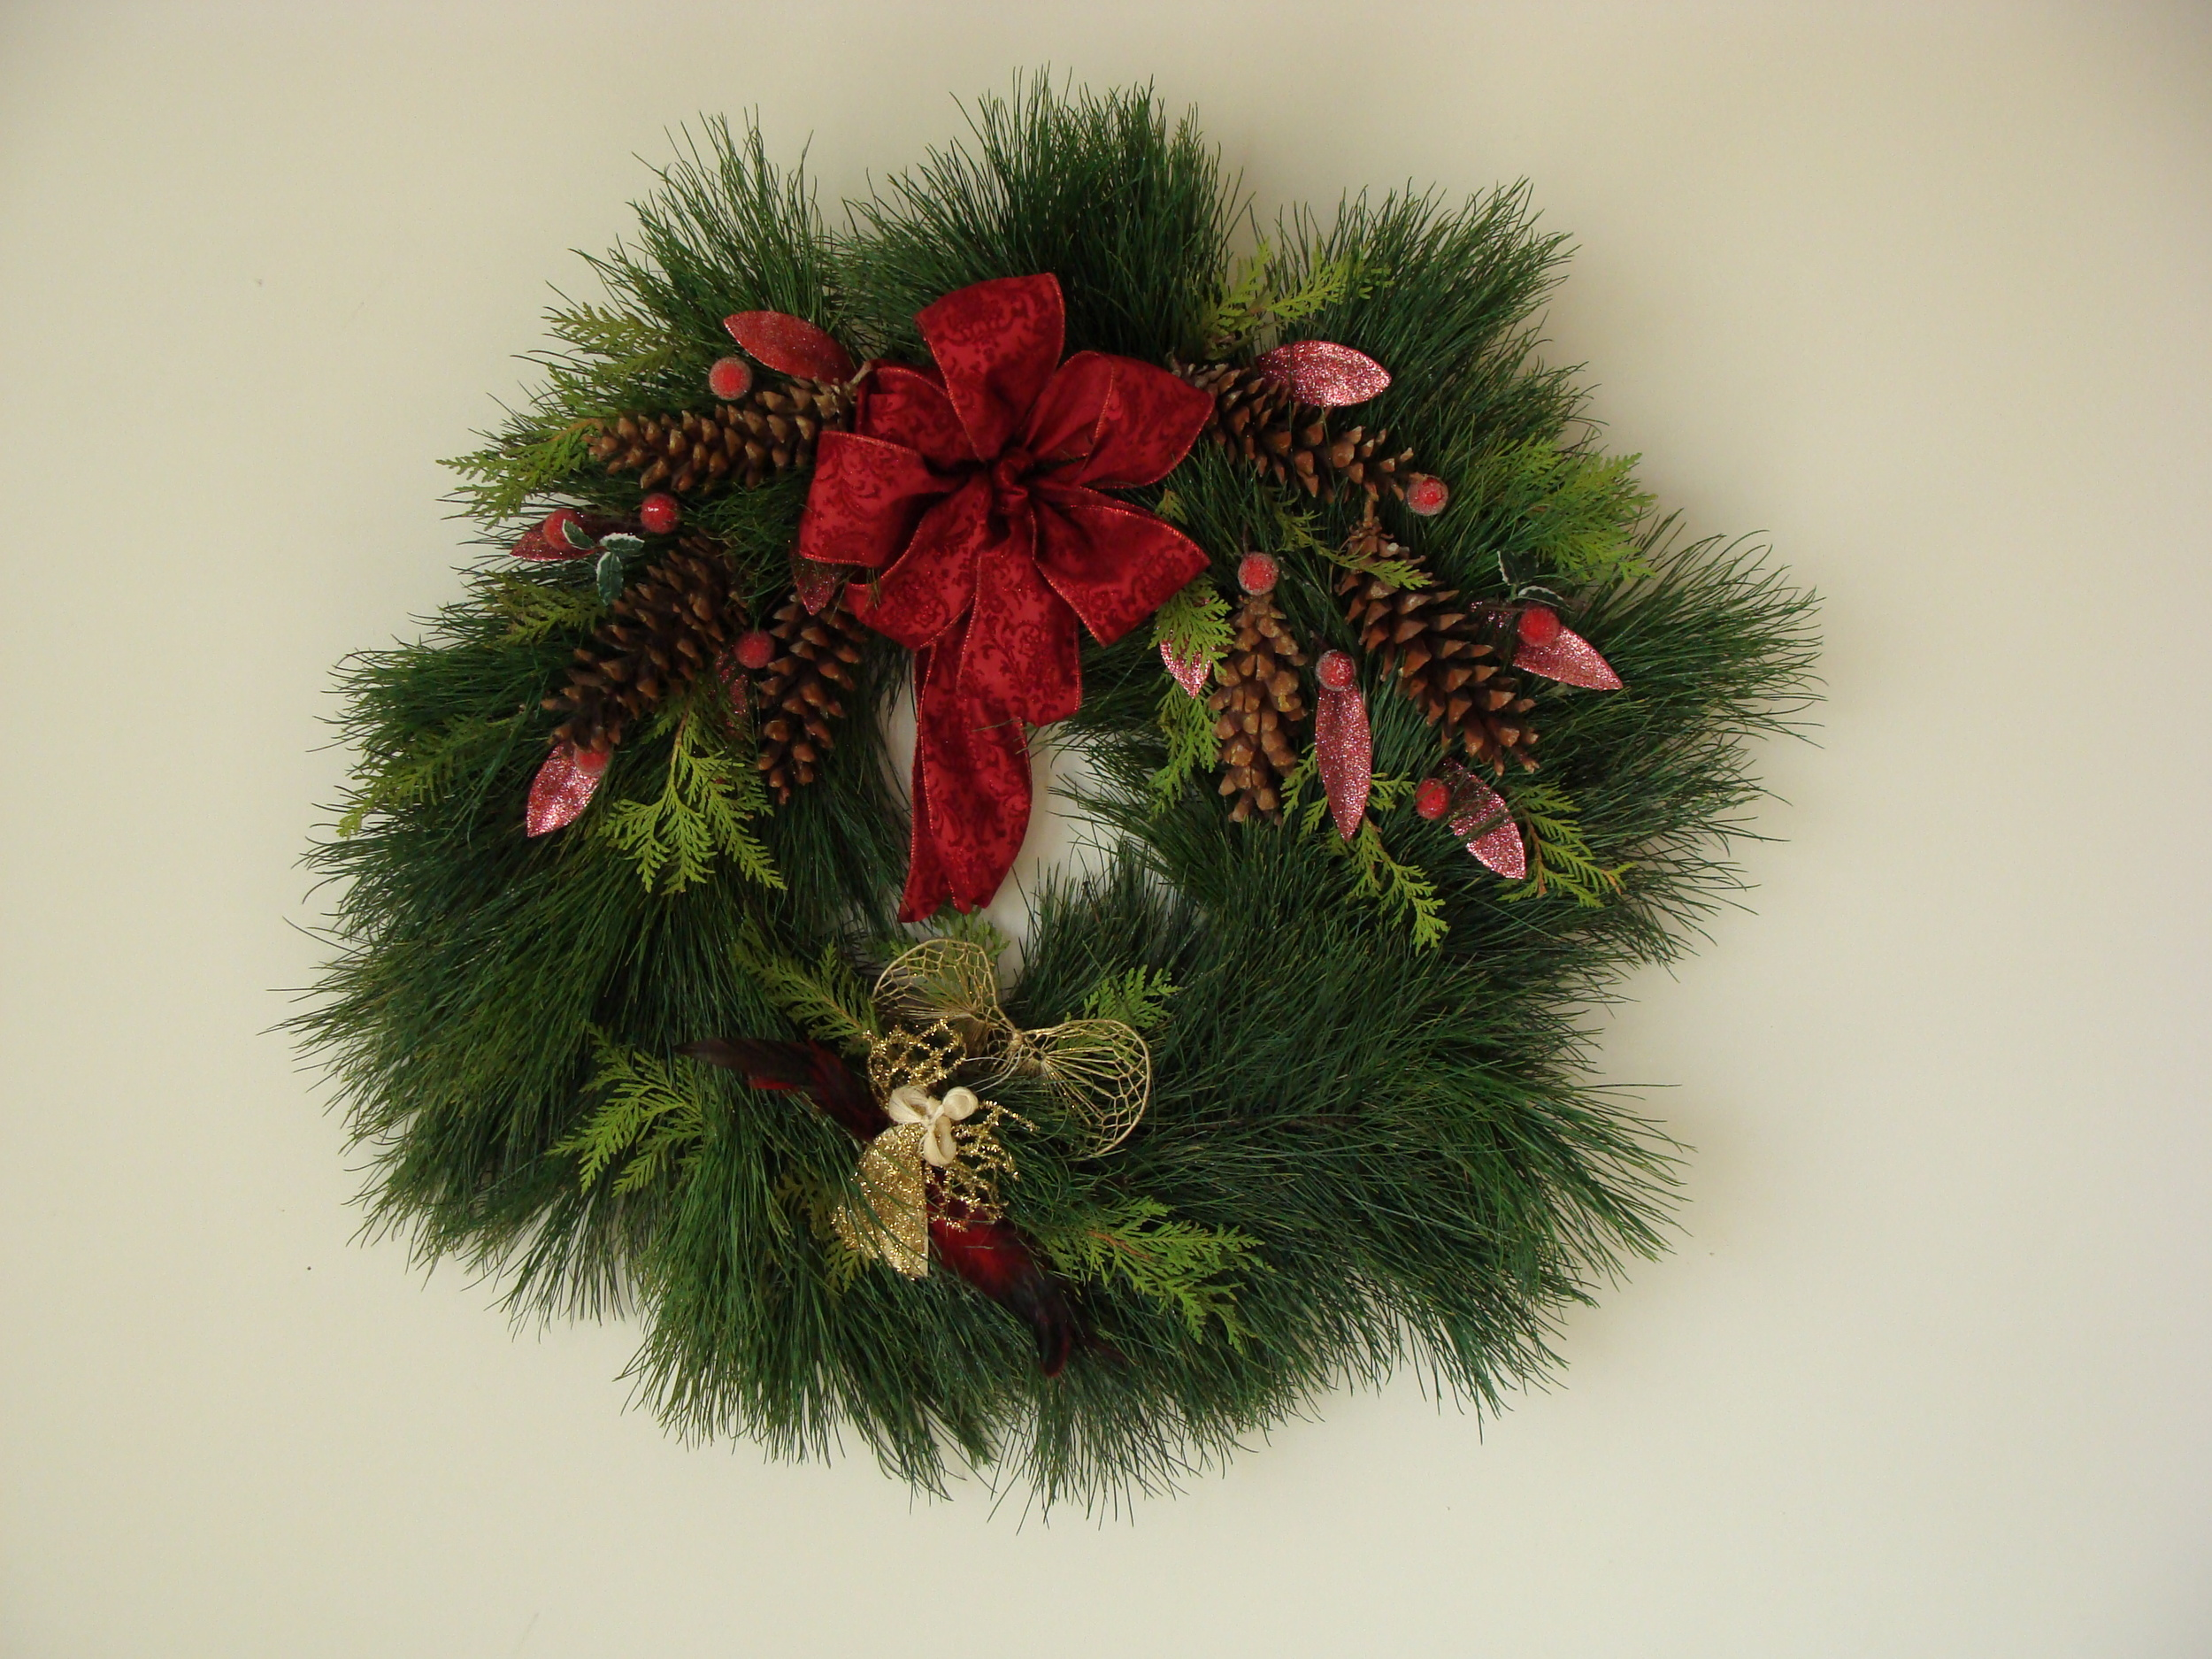 xmas wreathes 006.JPG